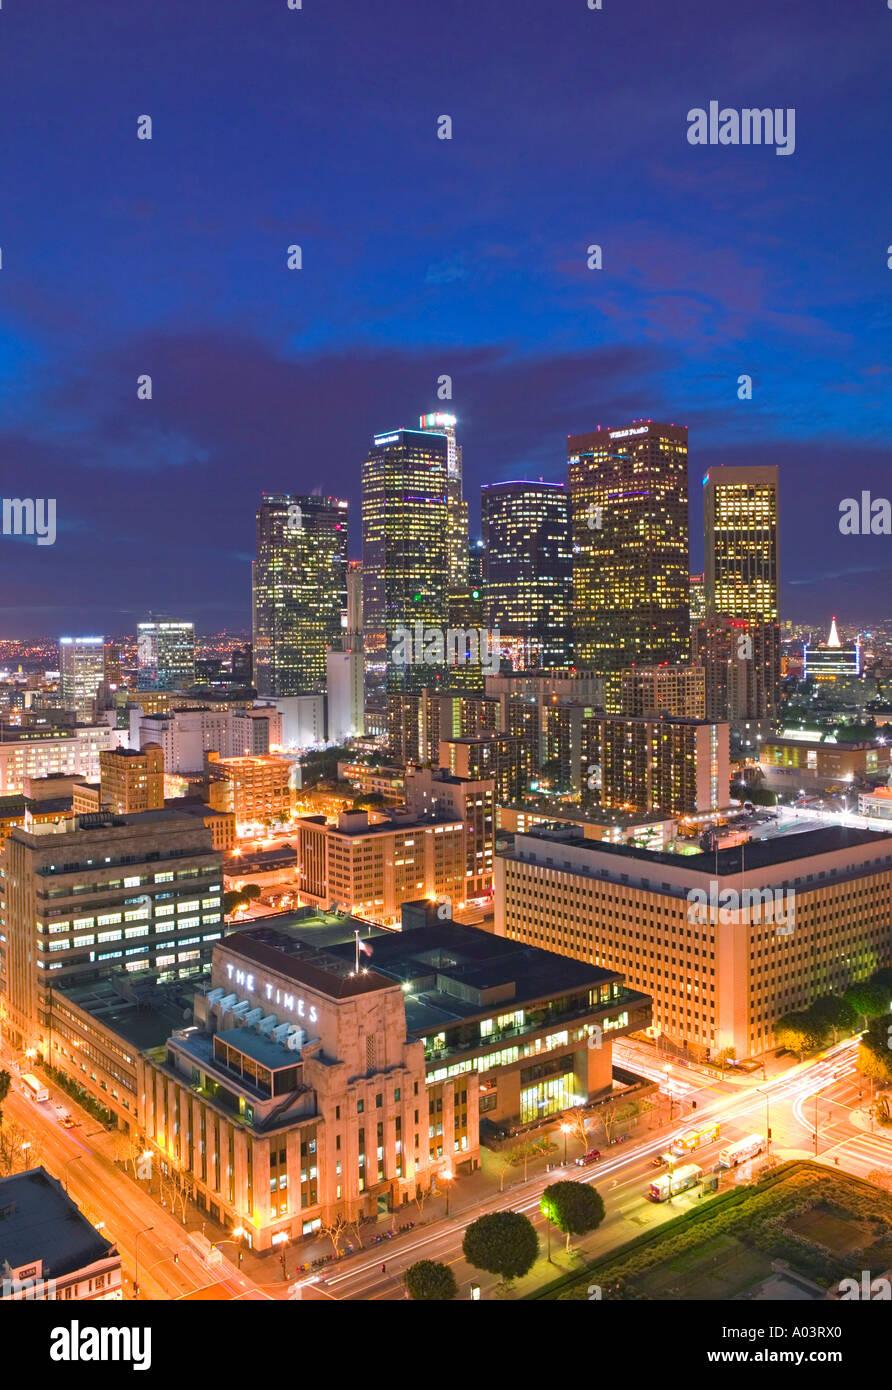 Die Innenstadt von Los Angeles, Kalifornien, USA Stockbild